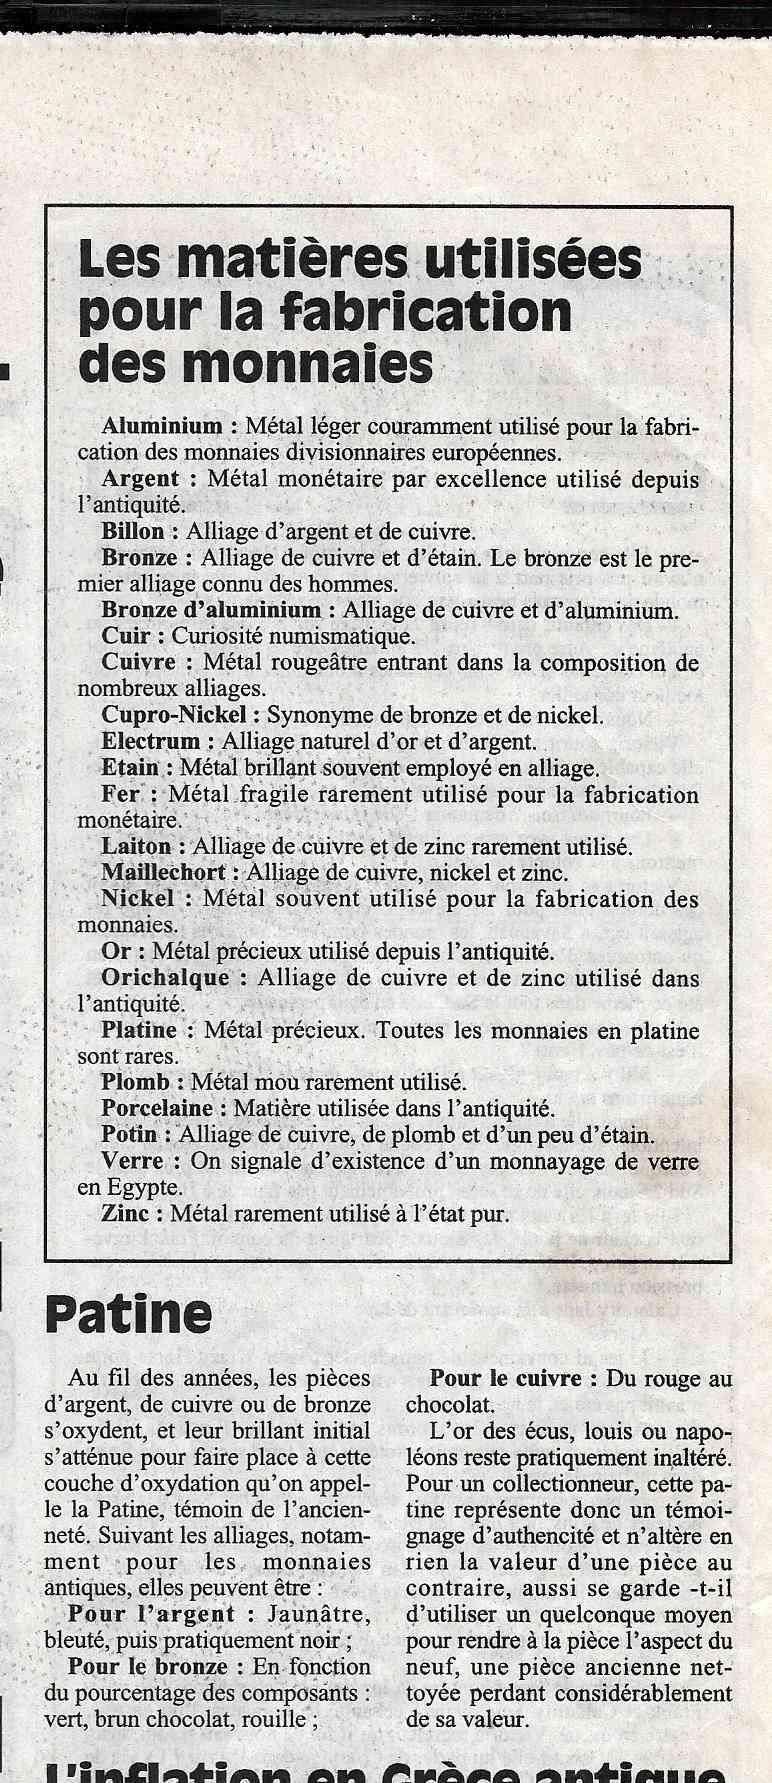 Havre - Histoire de la Monnaie 150